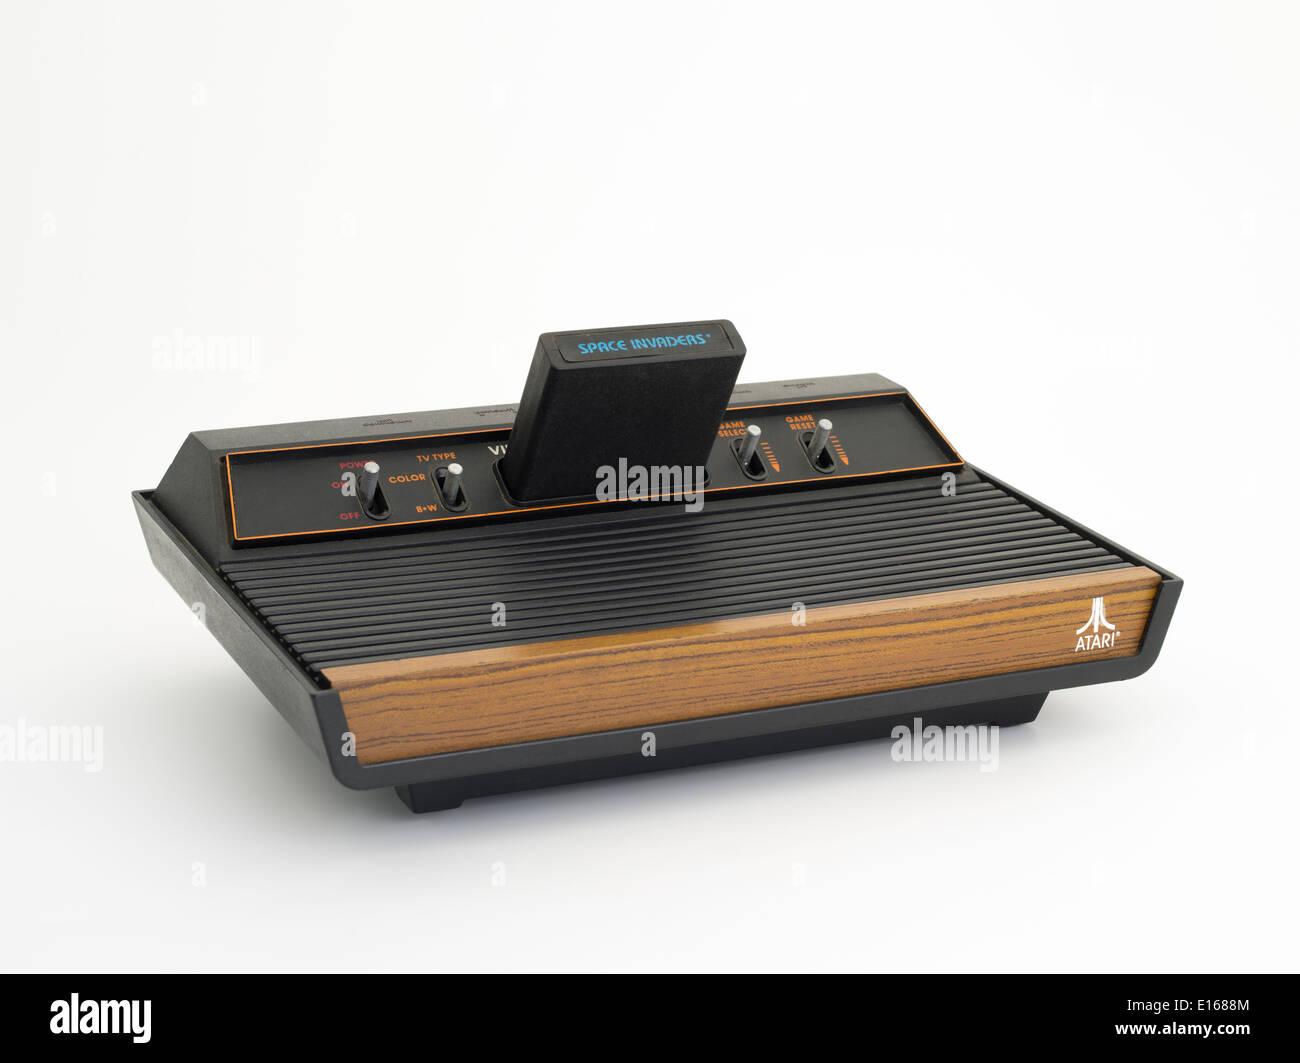 Console de jeux vidéo Atari 2600 Atari VCS, pour la vidéo Système informatique avec jeu Space Invaders classic 80's jouet pour enfants Photo Stock